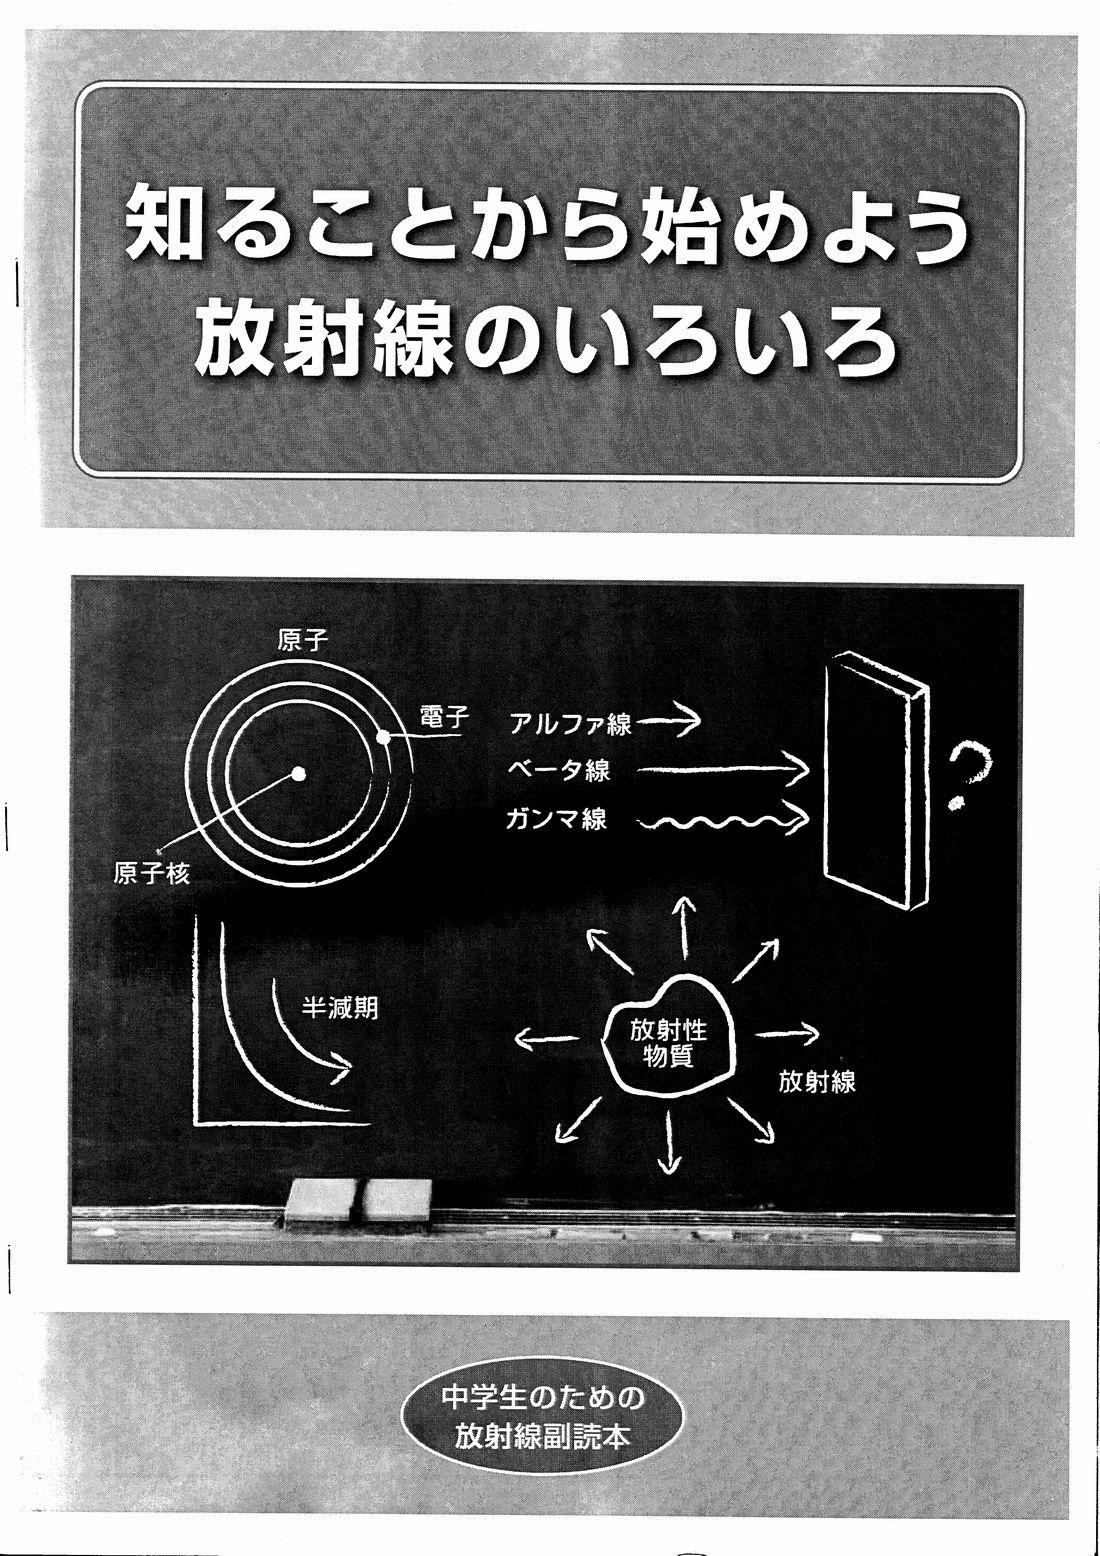 中学生のための放射線副読本